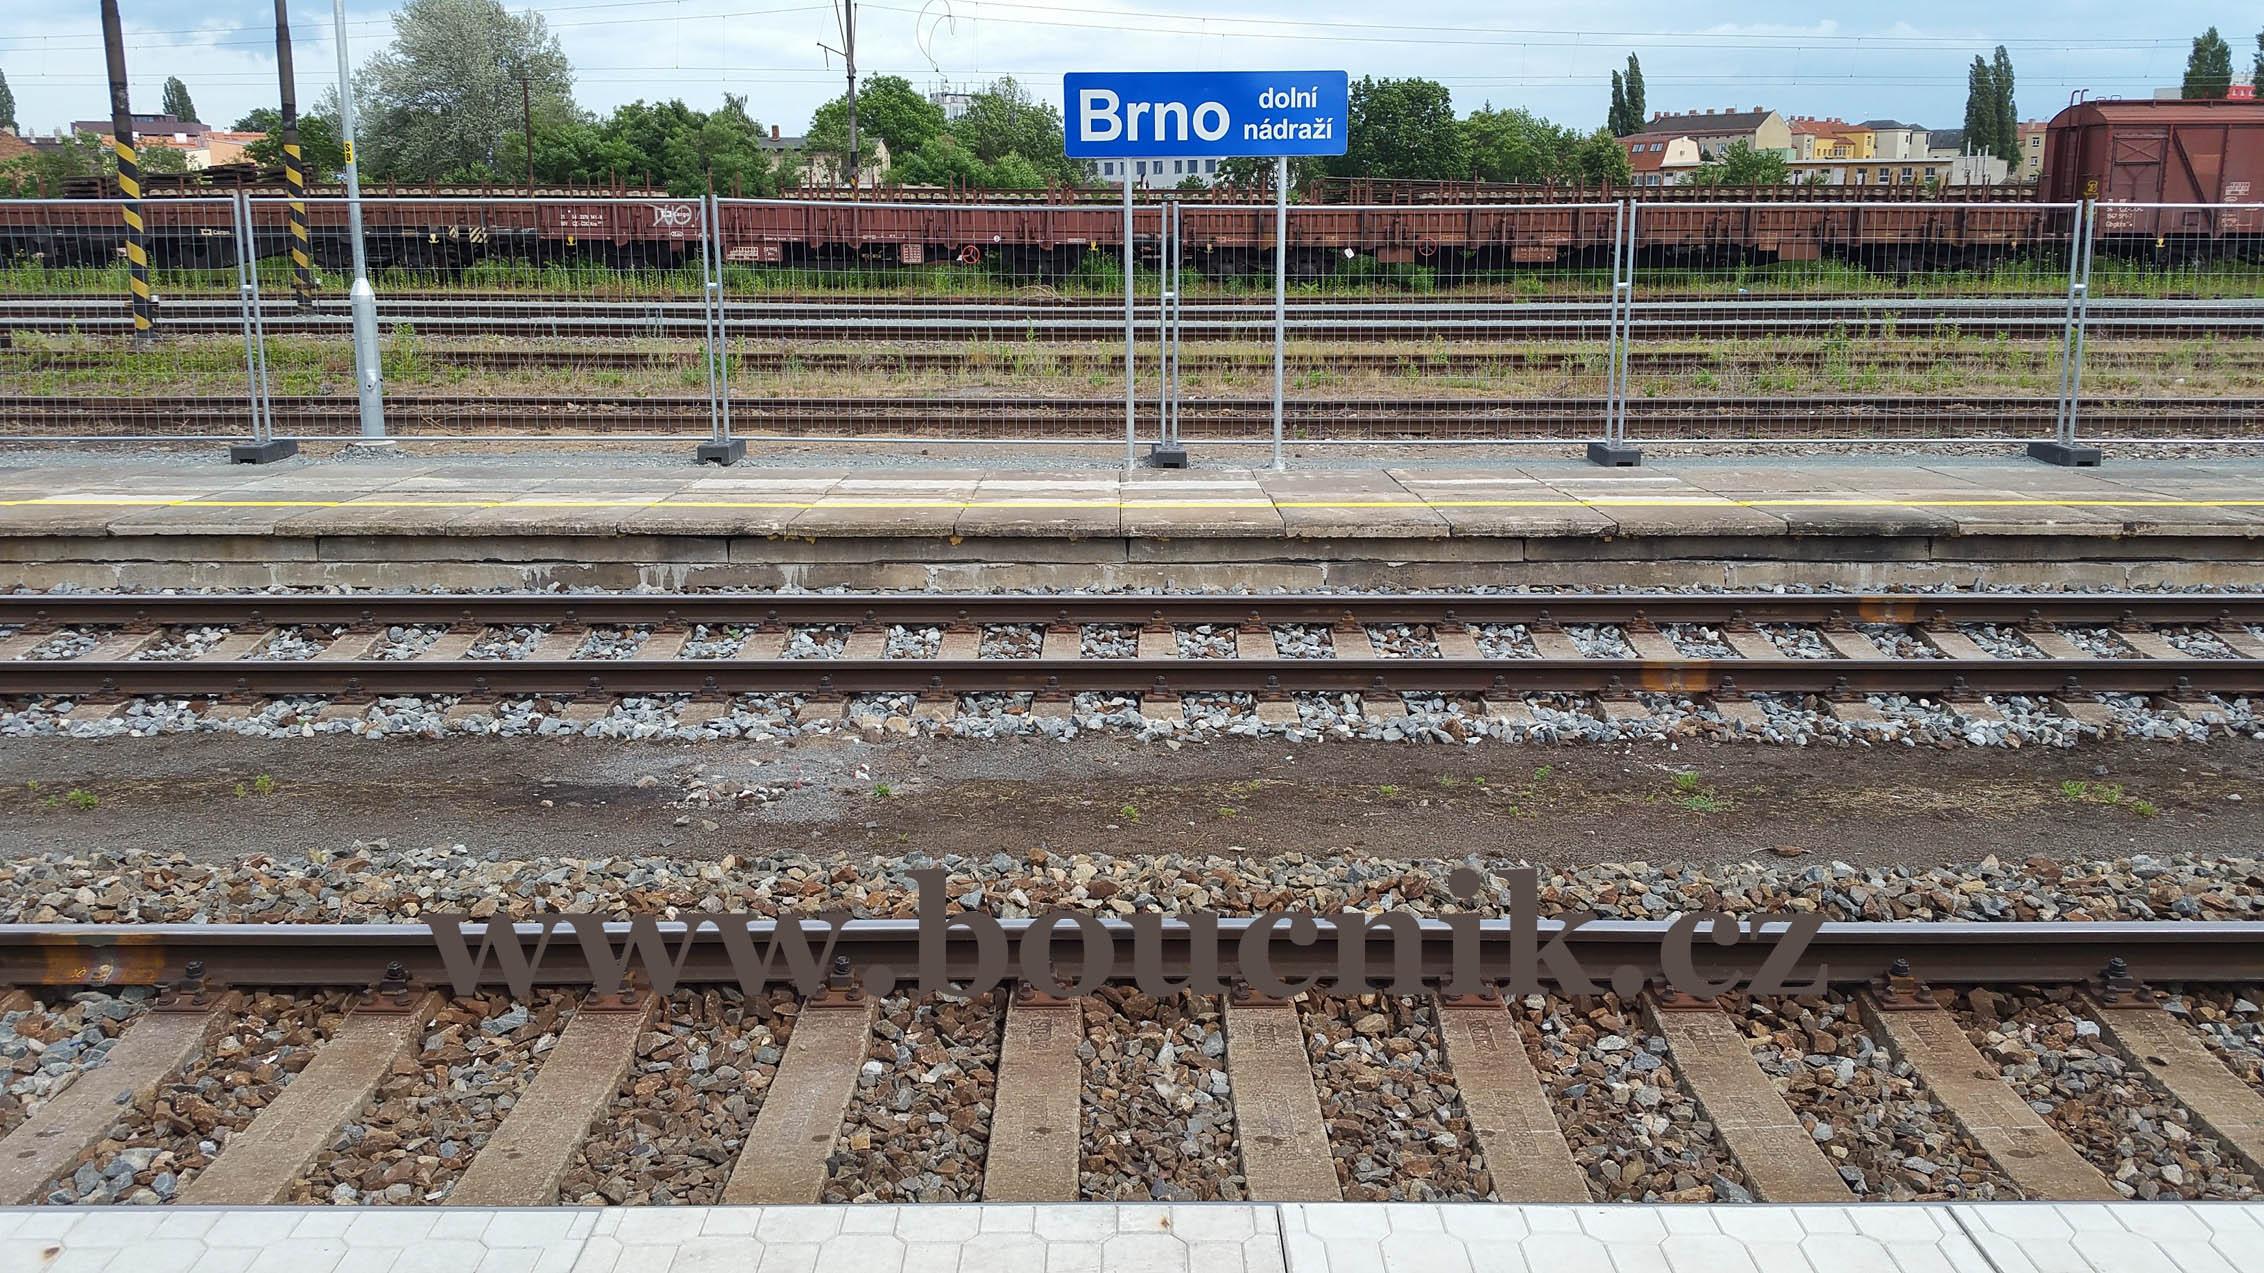 Druhé nástupiště je zbudované z použitých dílů, jeho cena přesto byla 2,5 mil Kč. Bohužel 2.nástupiště slouží jen jako jednostranné a to pro 2.kolej. Třeba za rok, v roce 2018 při další výluce, bude již oboustranné.